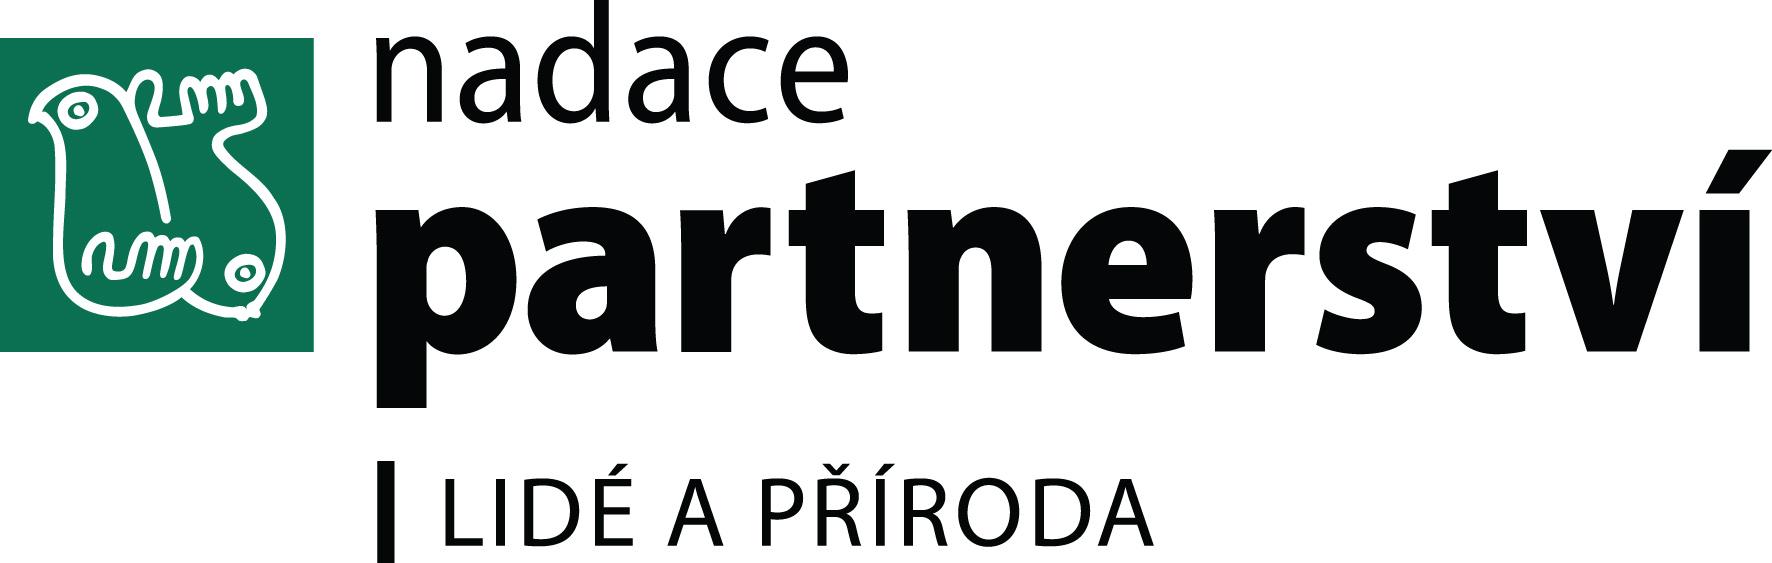 Nadace partnerství